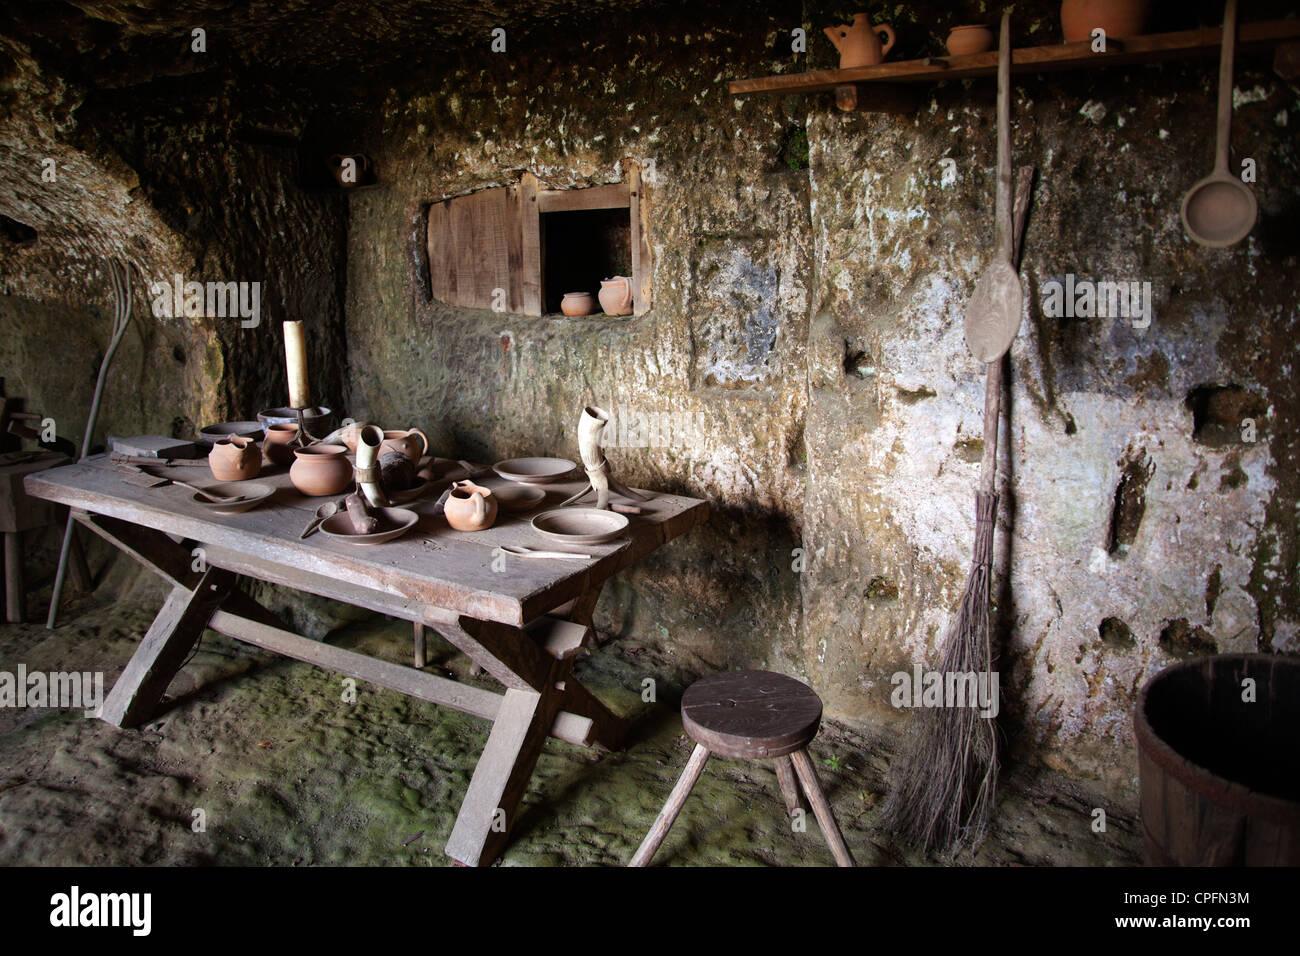 Prehistorical and medieval troglodit village of La Roque Saint Christophe on the Vézére river Aquitaine Dordogne - Stock Image